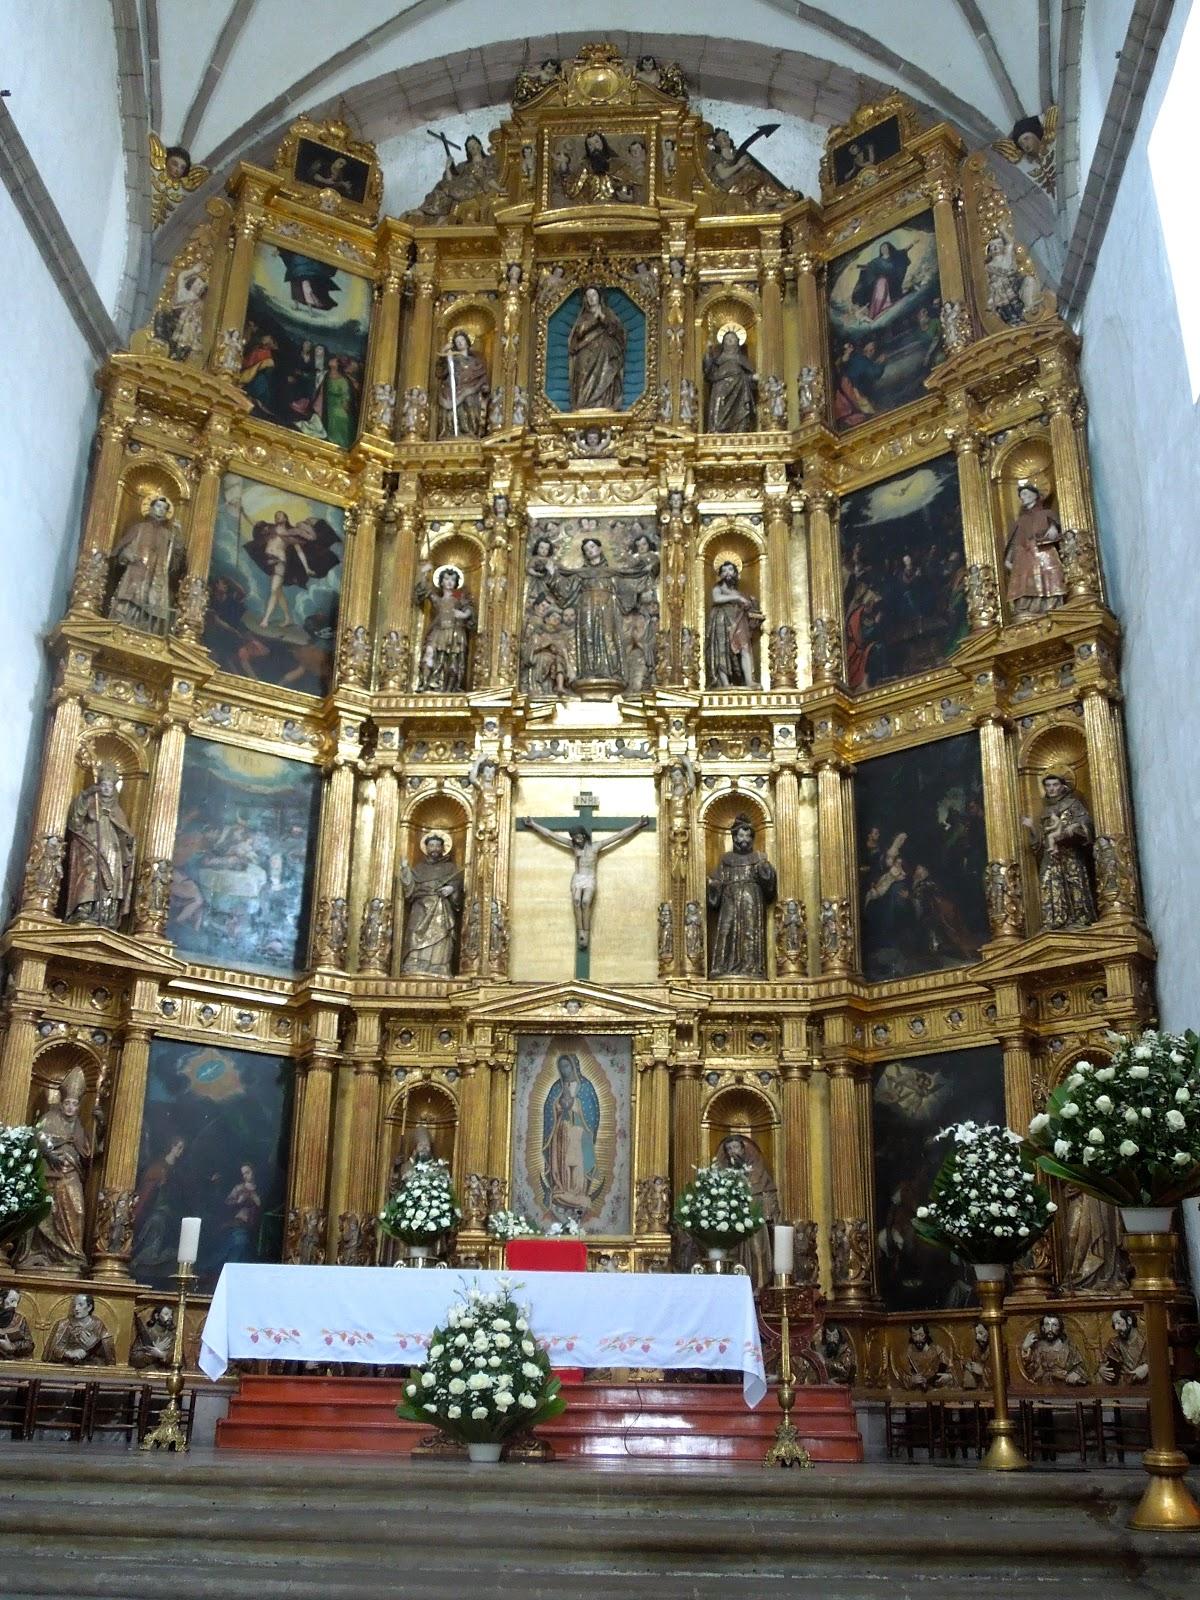 Colonialmexicoinsideandout Mestizo Baroque The Mexican